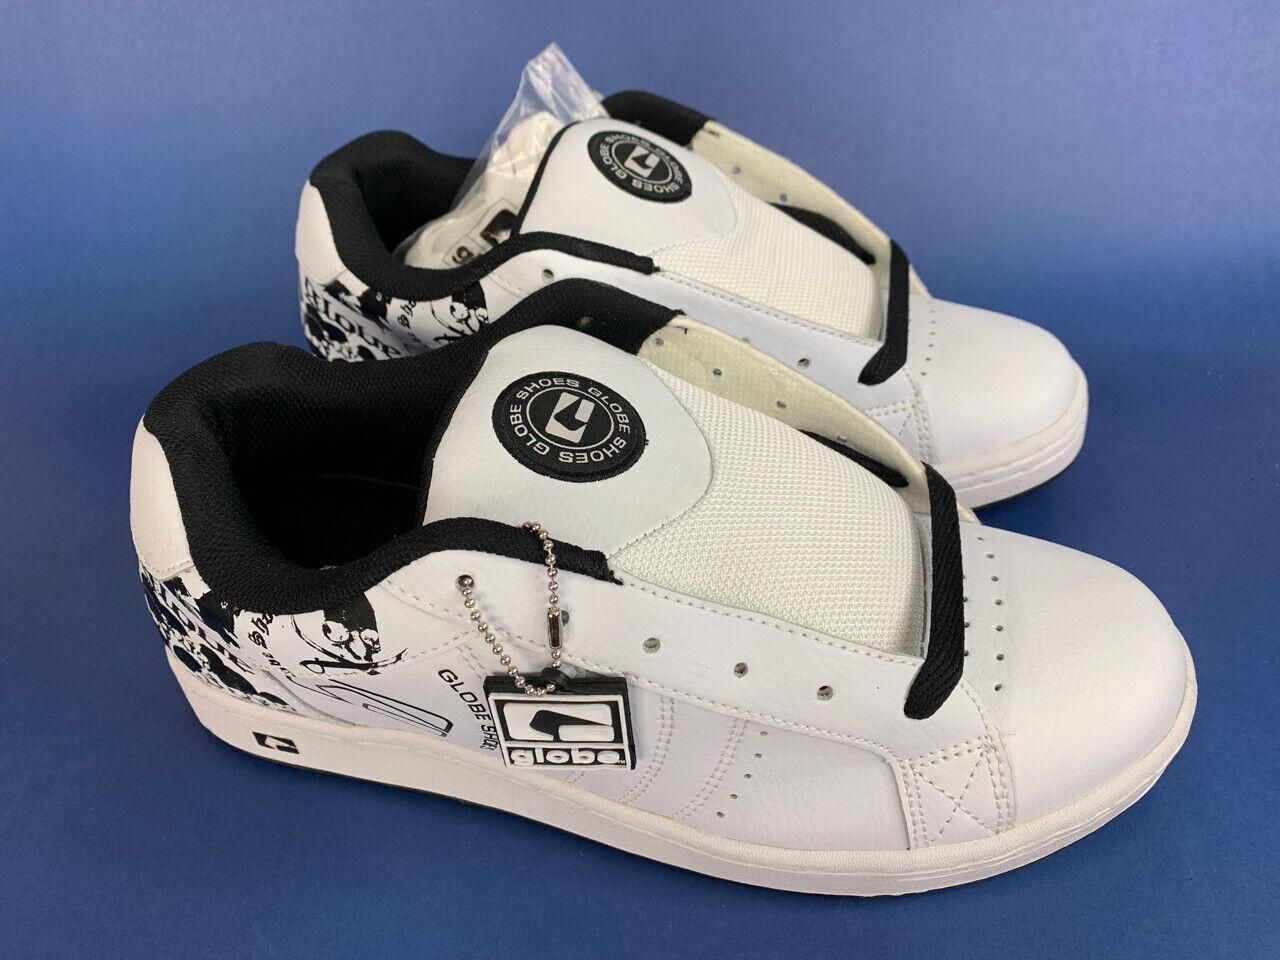 NEW GLOBE FOCUS Skateboard Skate Shoes Mens Size 11.0 NOS No